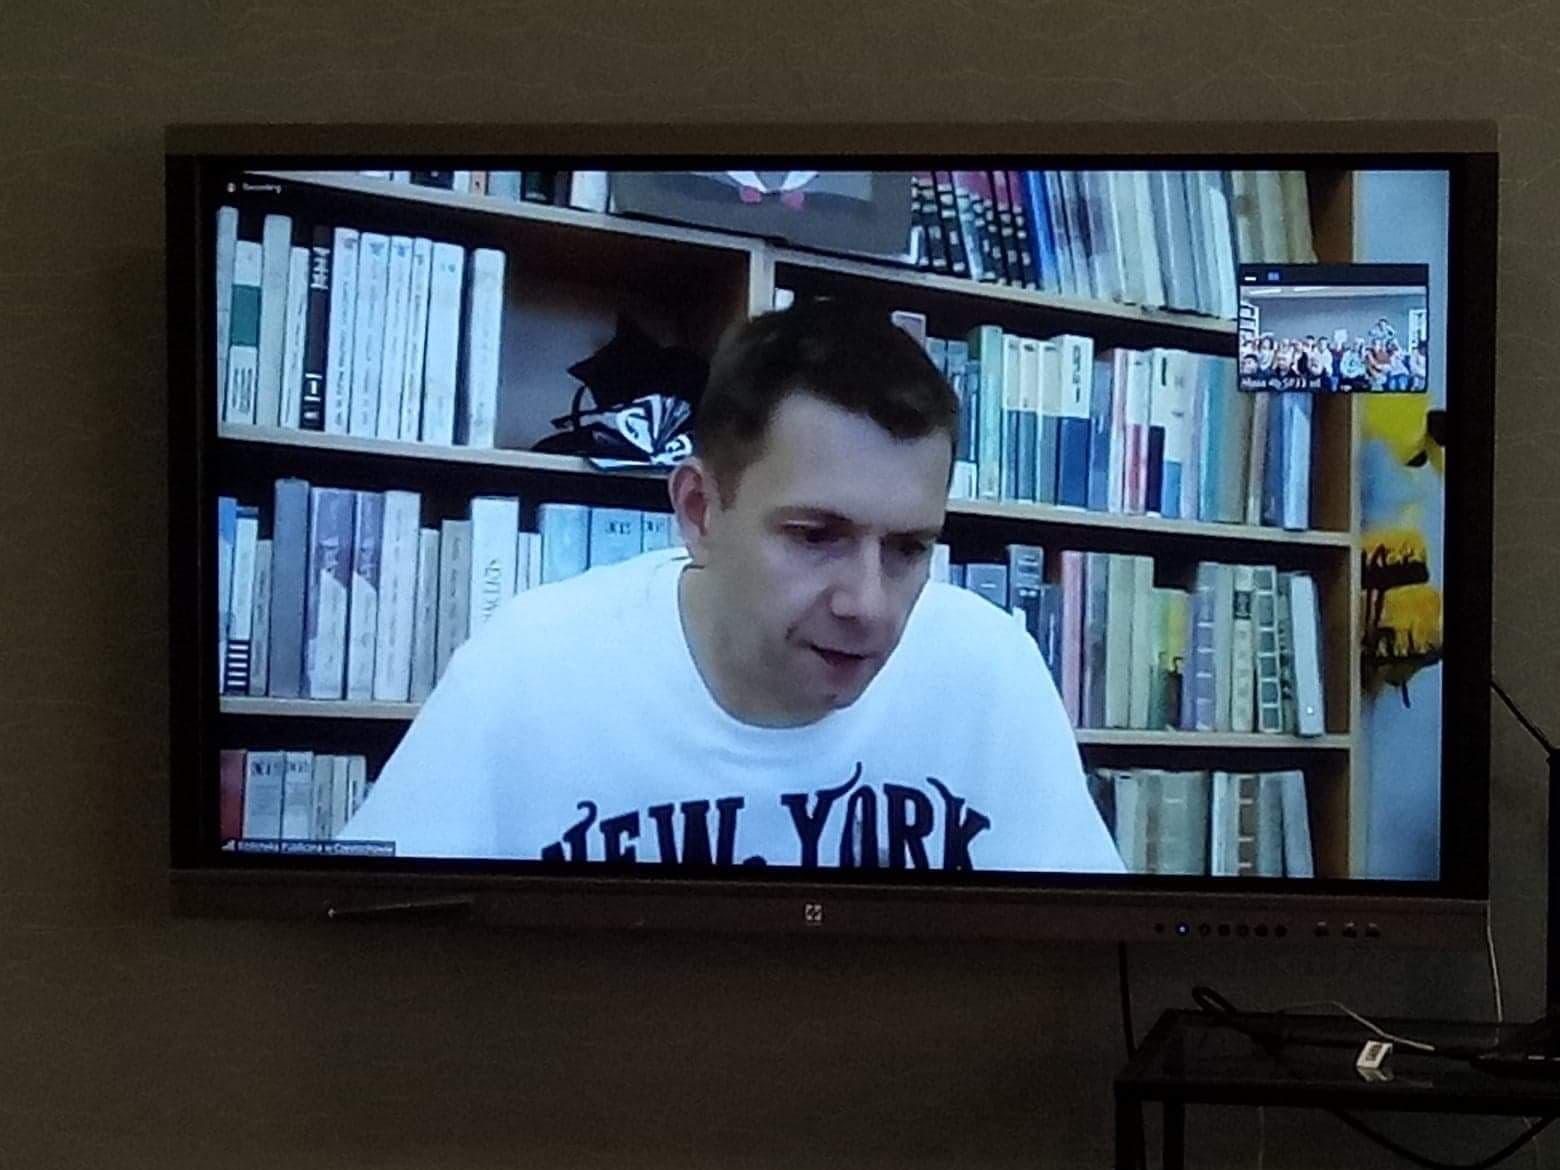 Tablica multimedialna z widocznym Rafałem Witkiem- pisarzem na tle książek